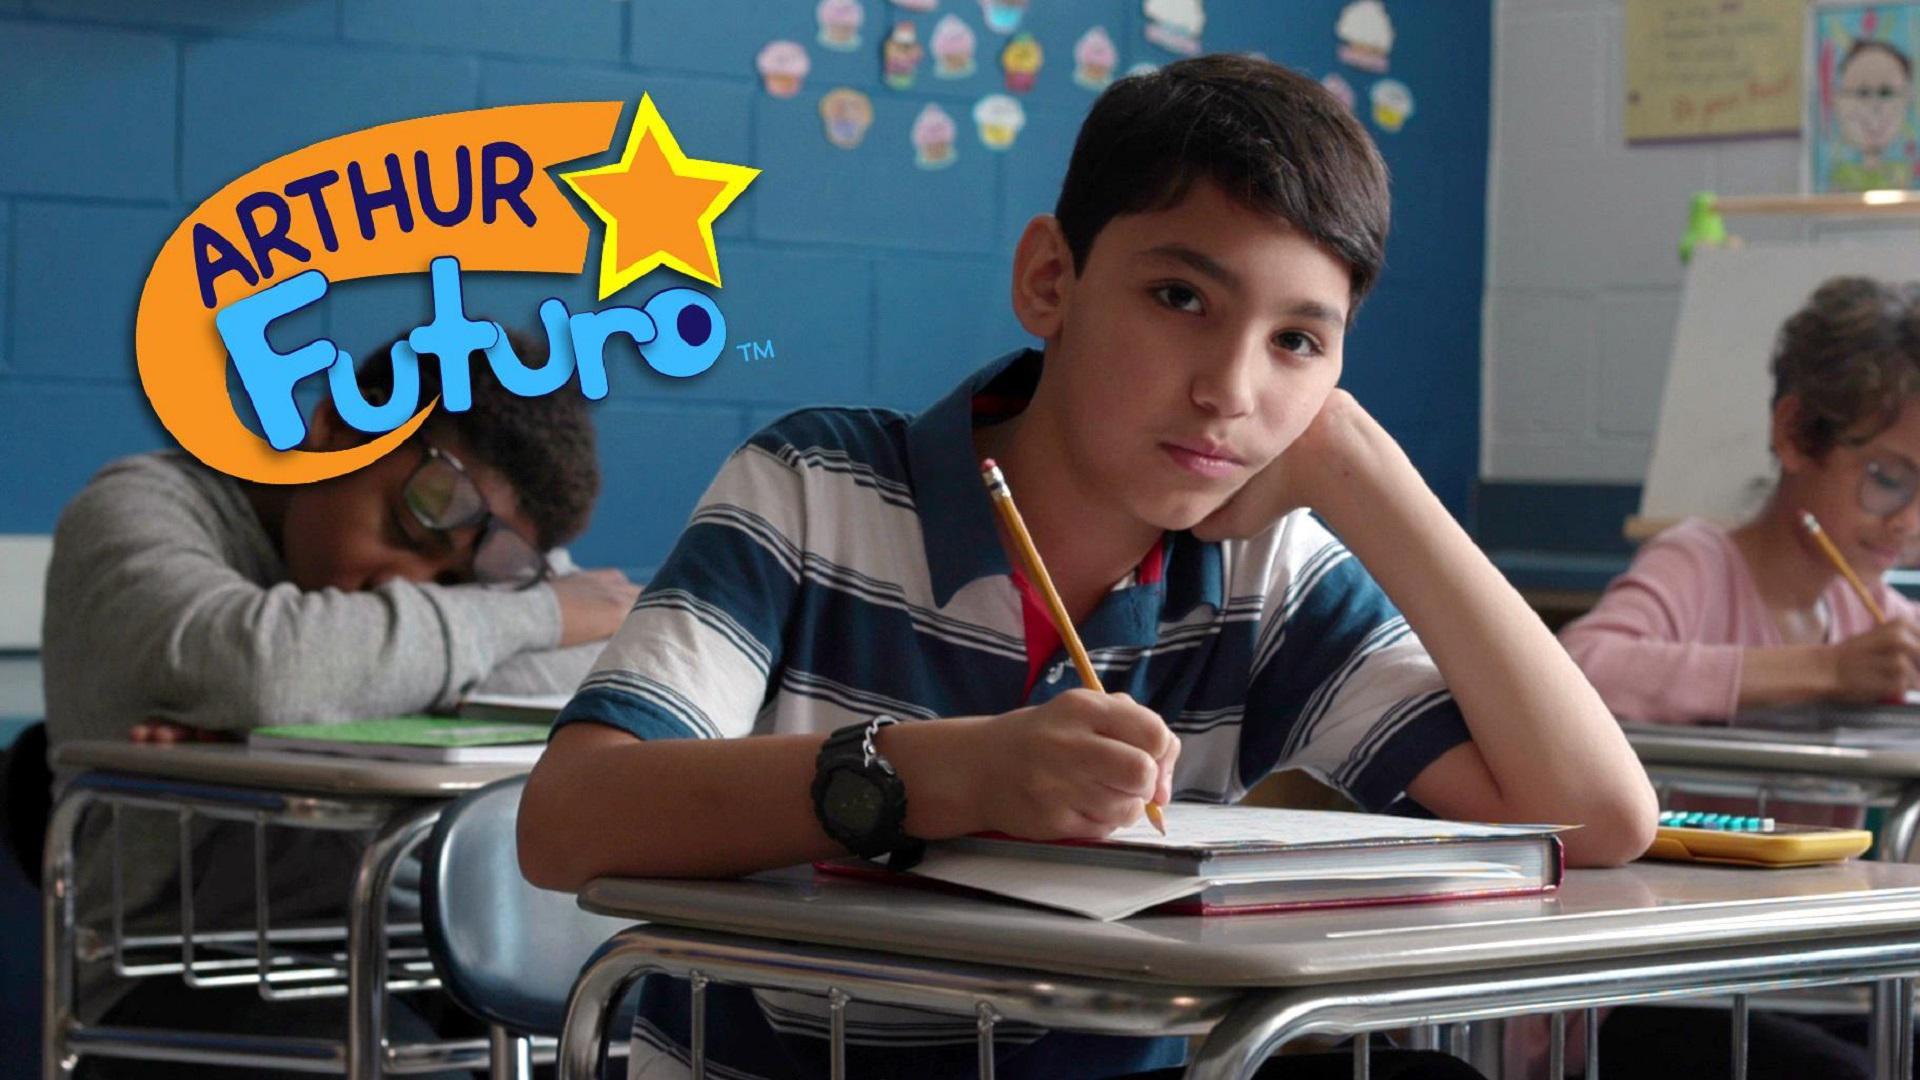 Arthur Futuro